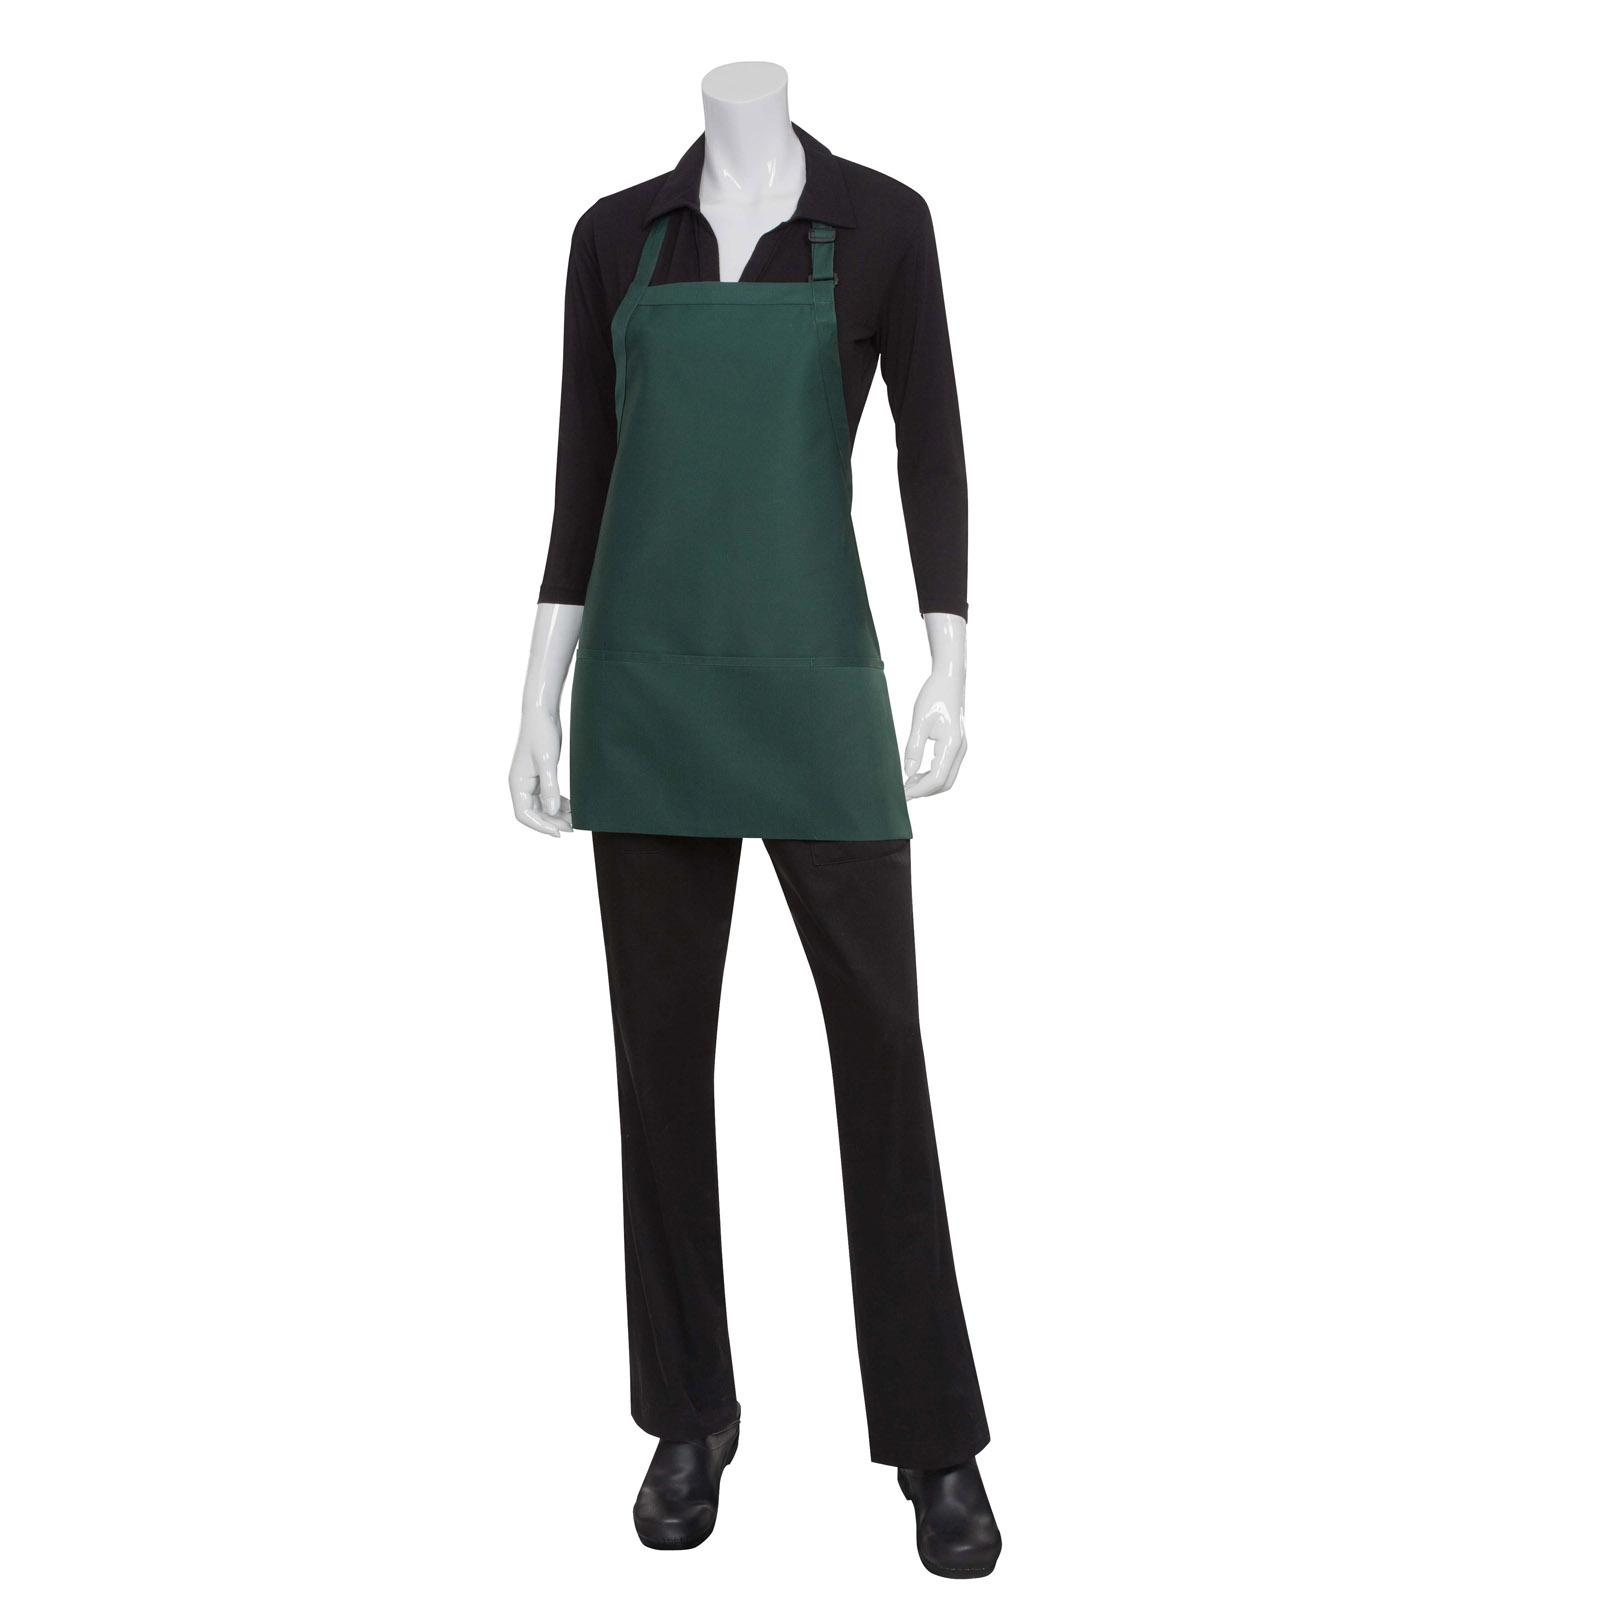 Chef Works F10 WHT0 bib apron